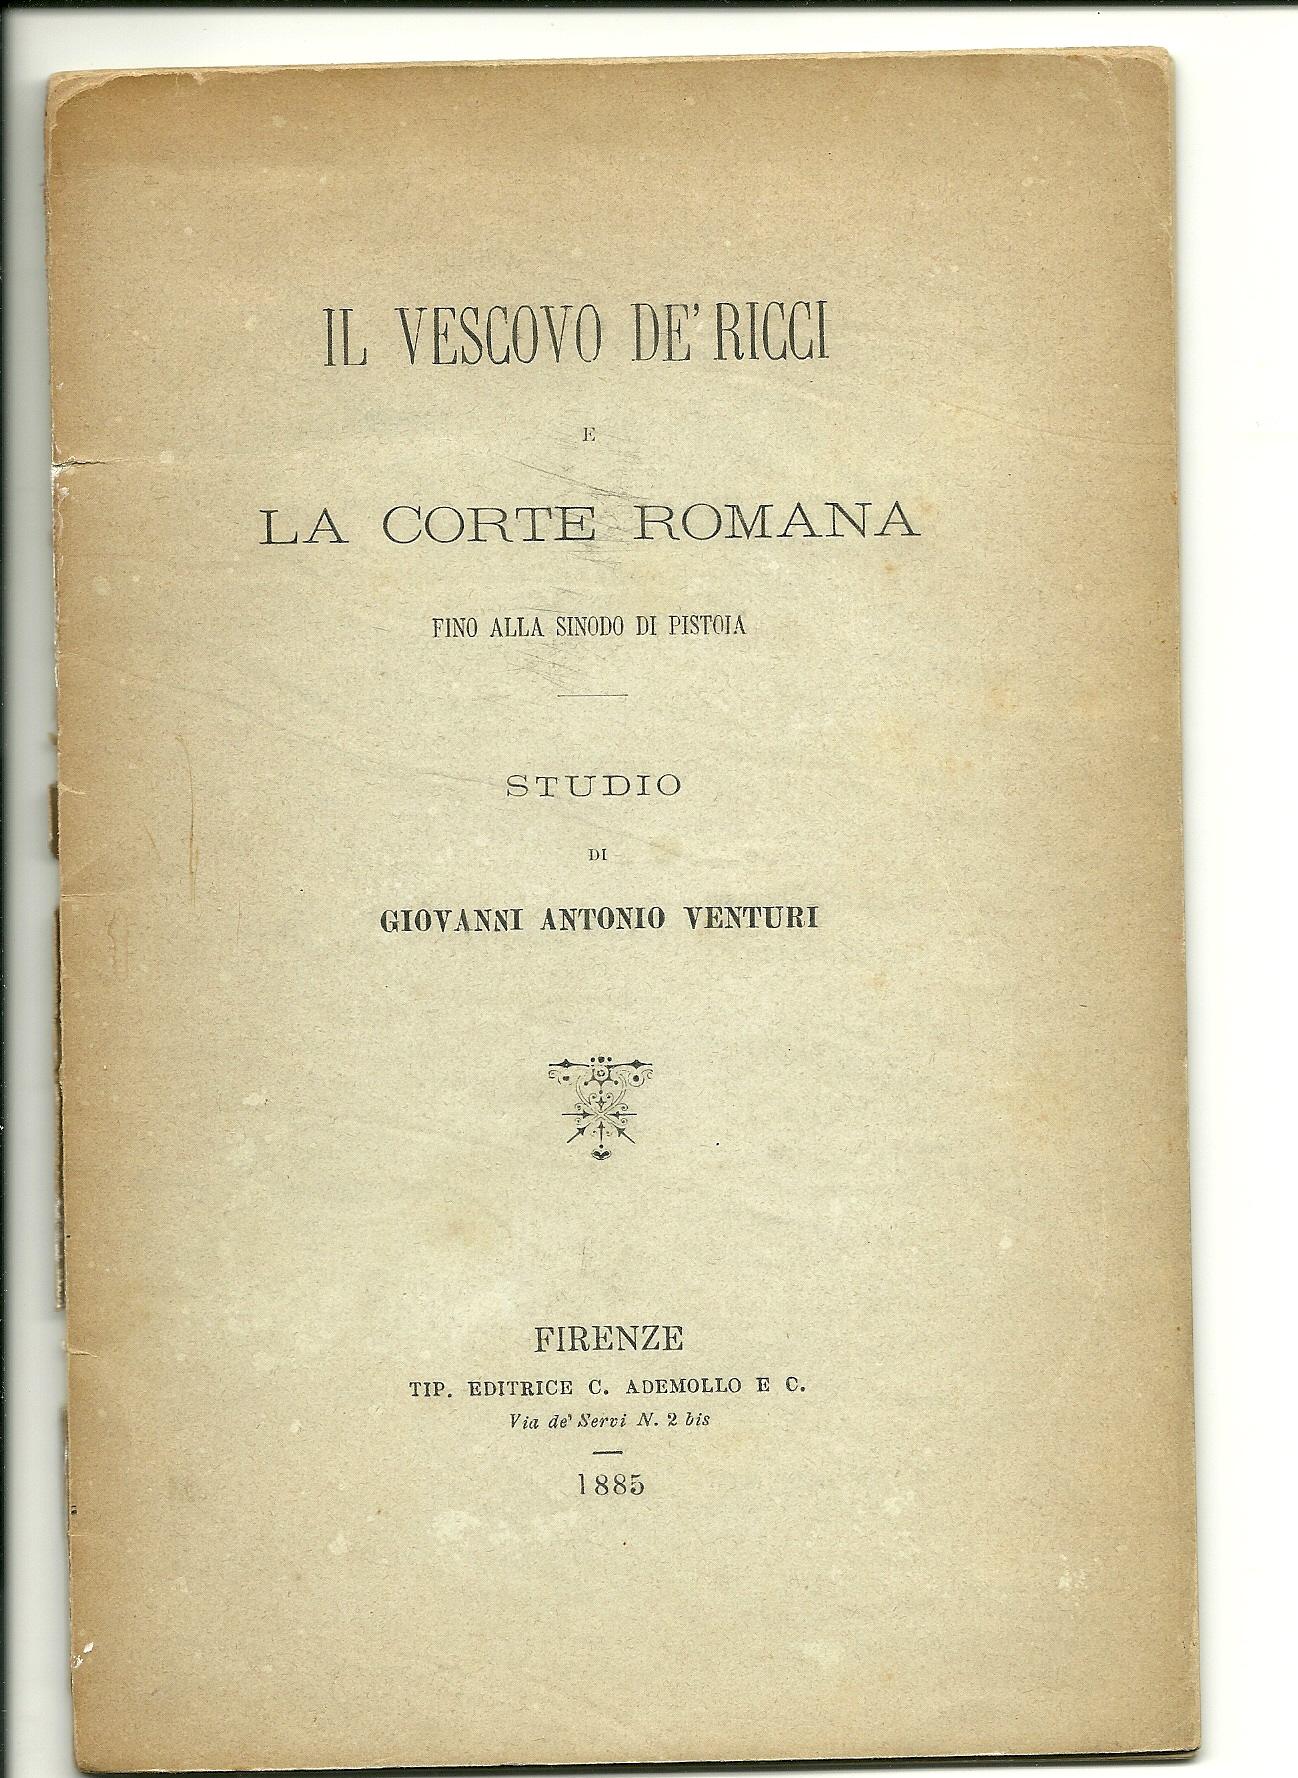 Il Vescovo de' Ricci e la Corte Romana fino al Sinodo di Pistoia